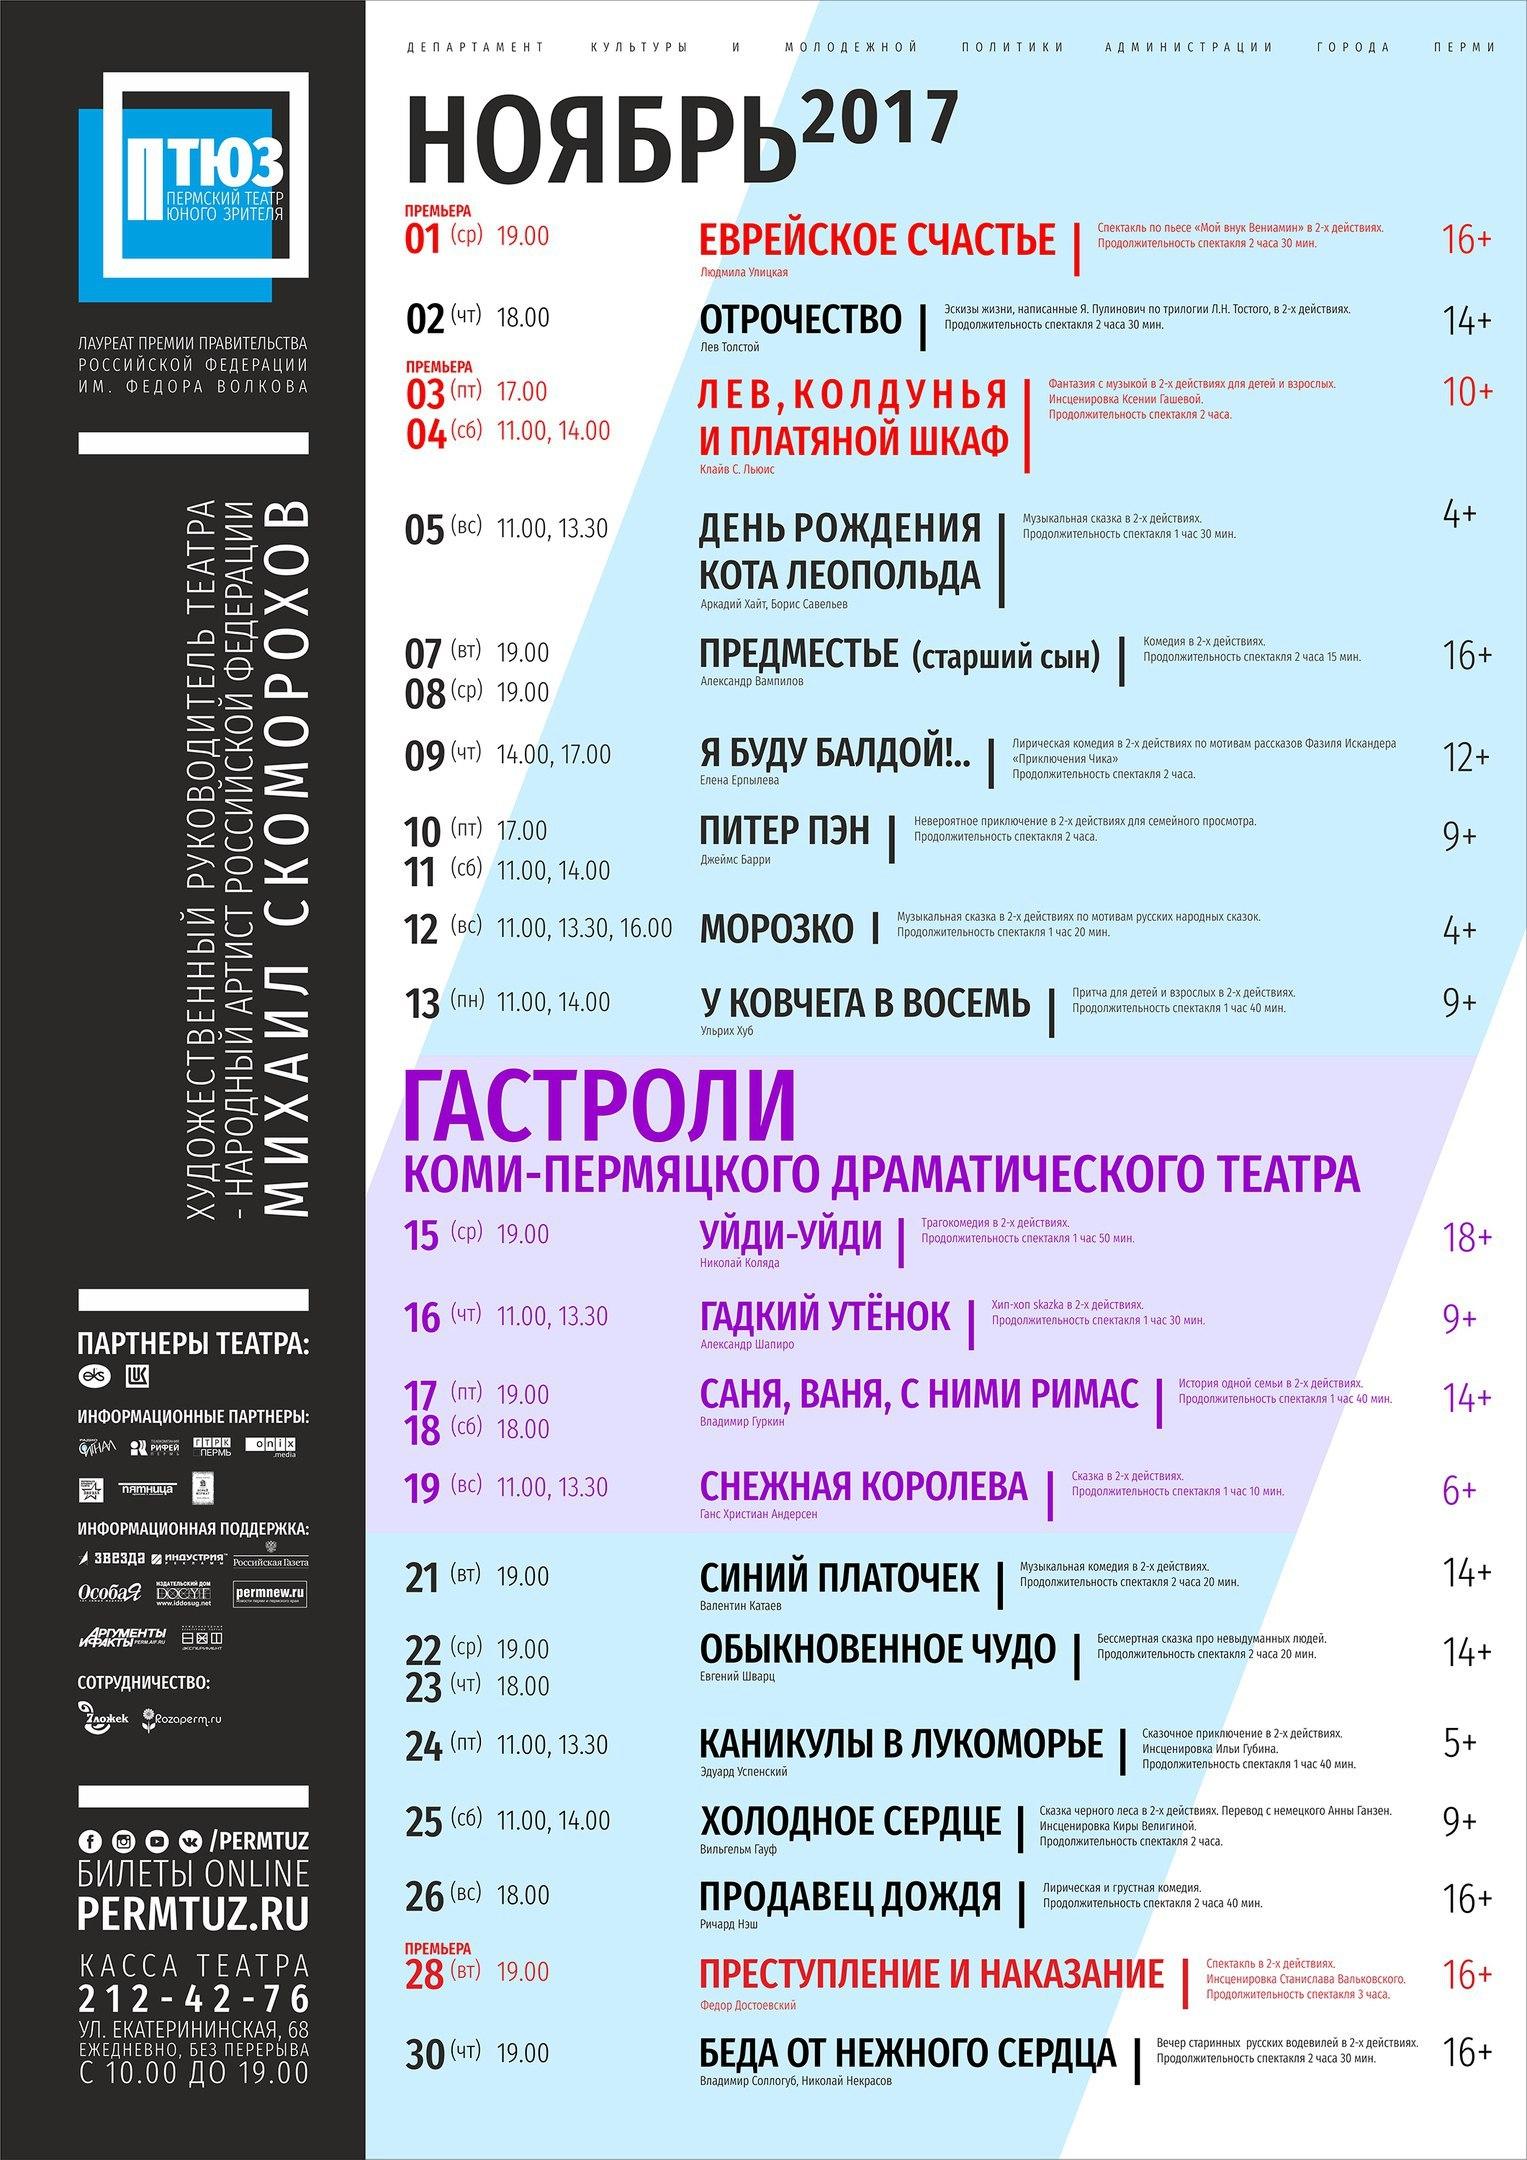 Афиша театров пермь на февраль 2017 сколько стоит билет на концерт к меладзе